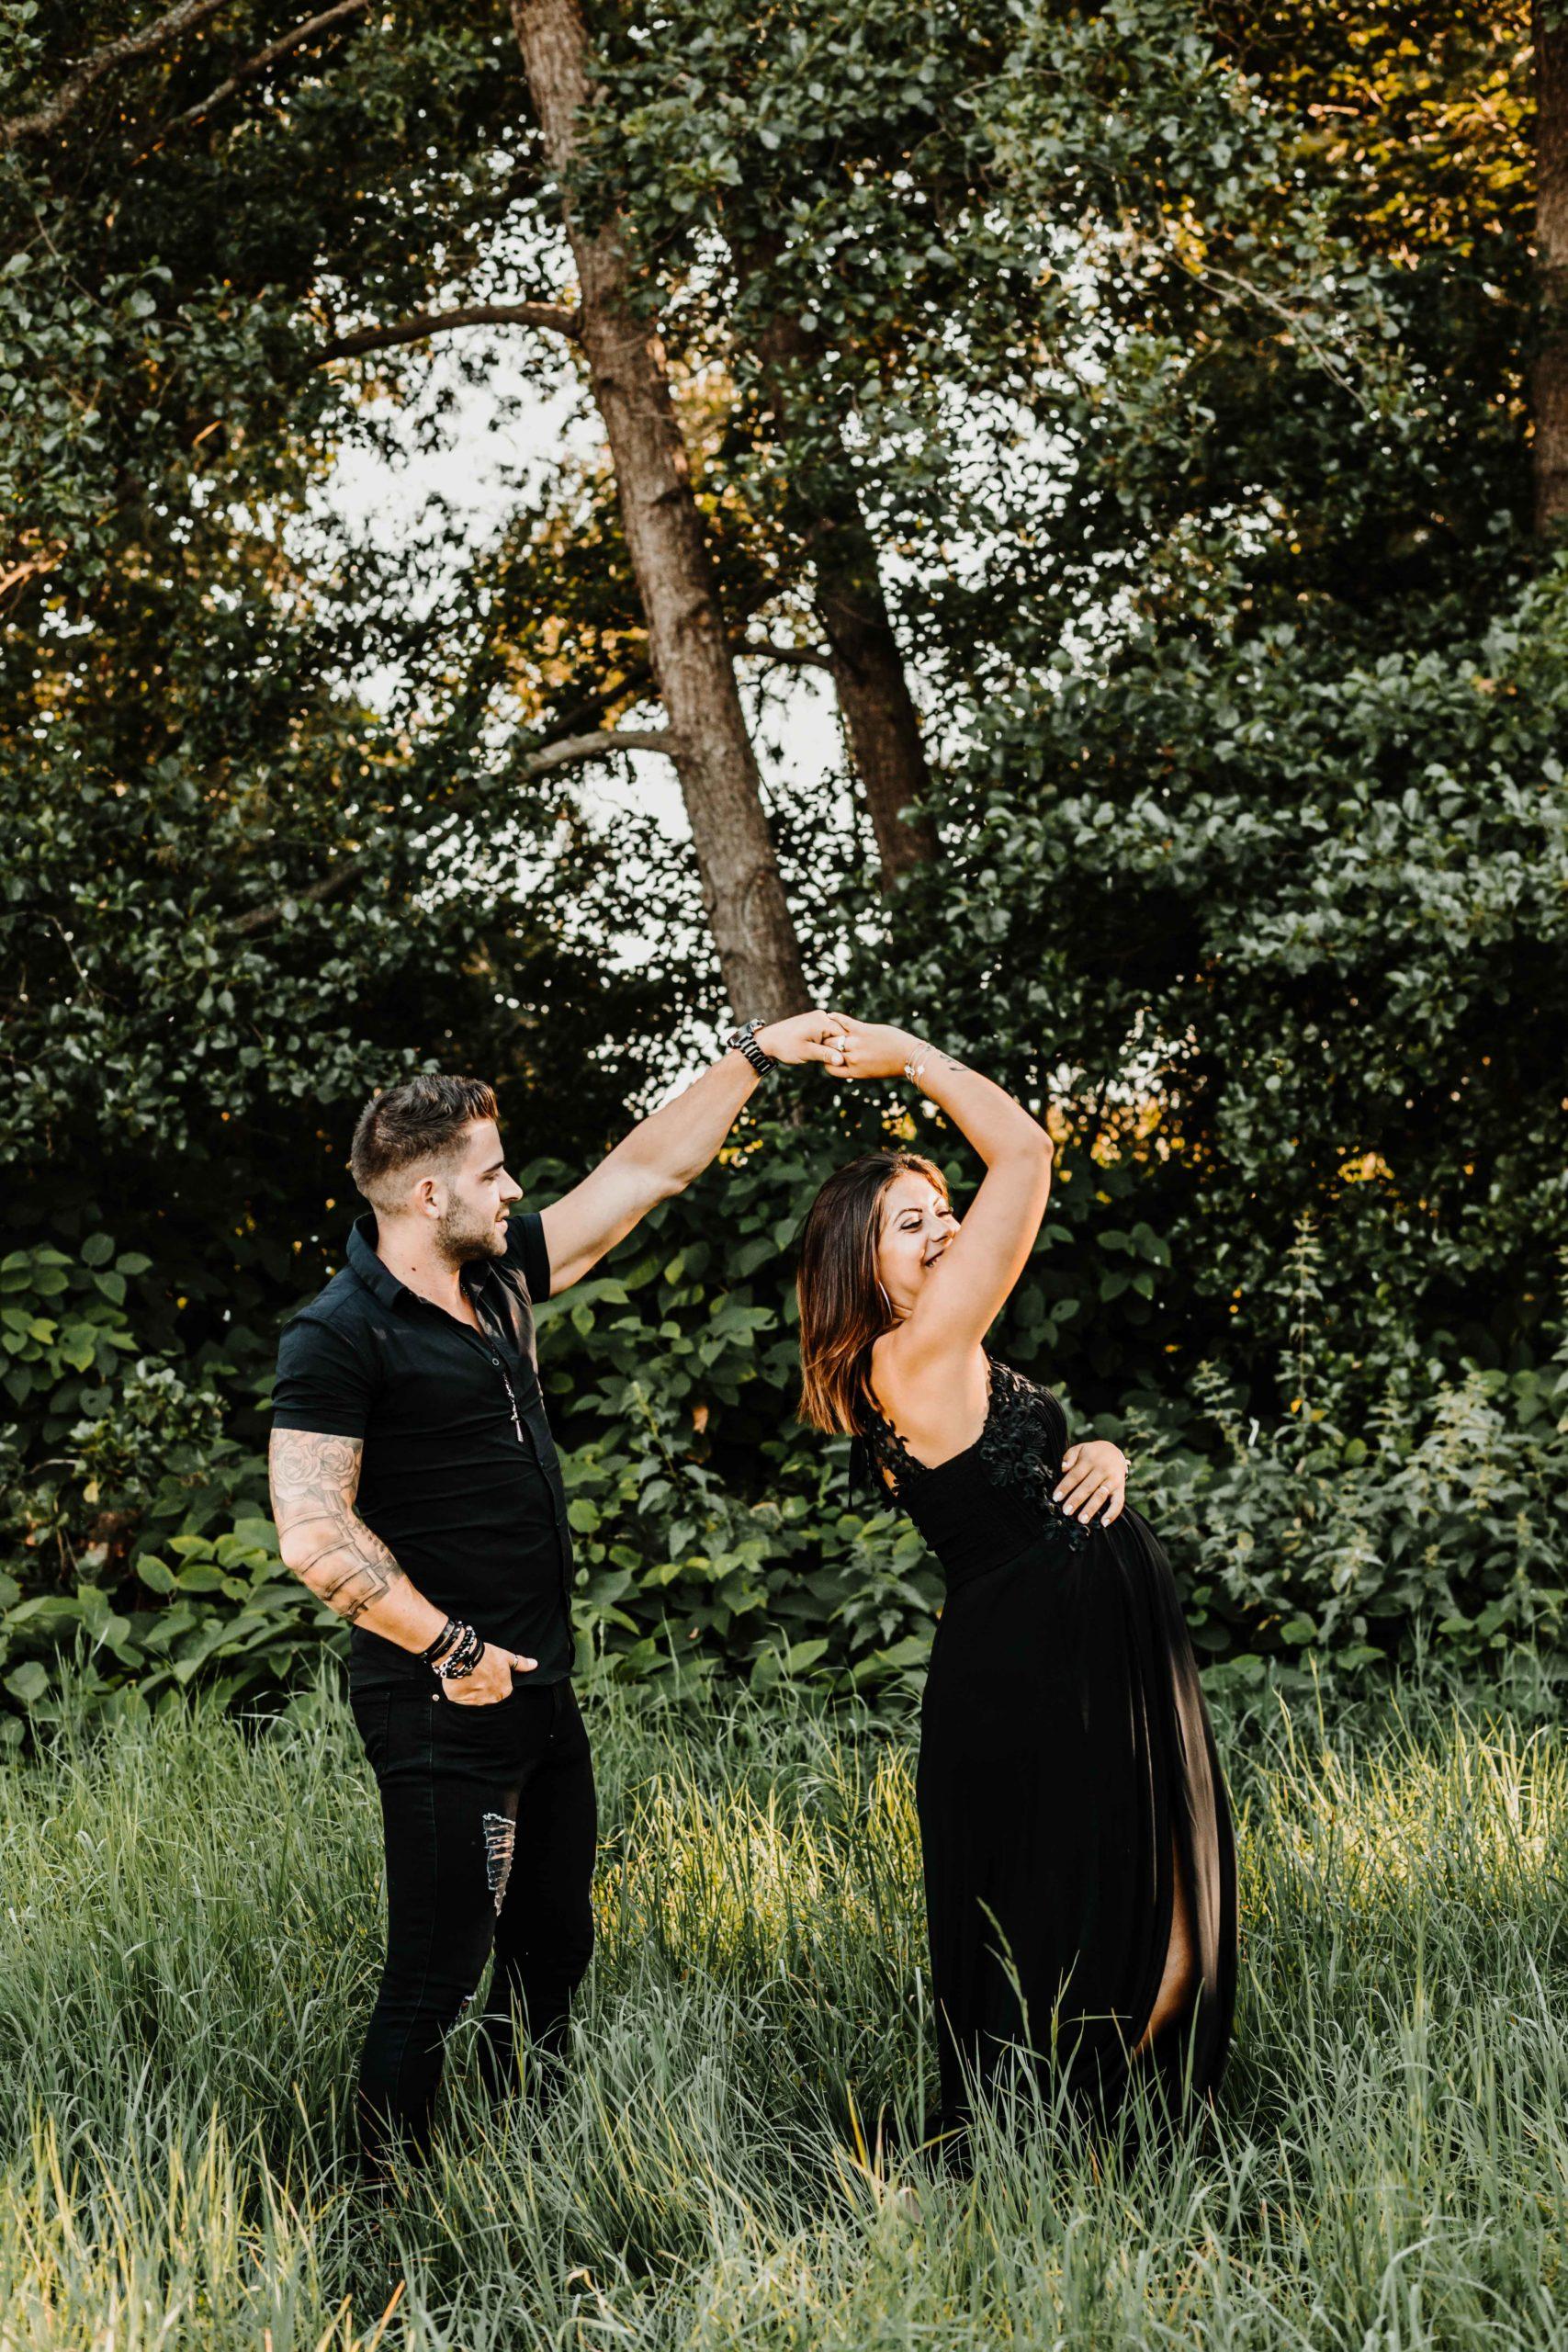 couple qui danse dans la nature, la femme est enceinte, lumière de coucher de soleil